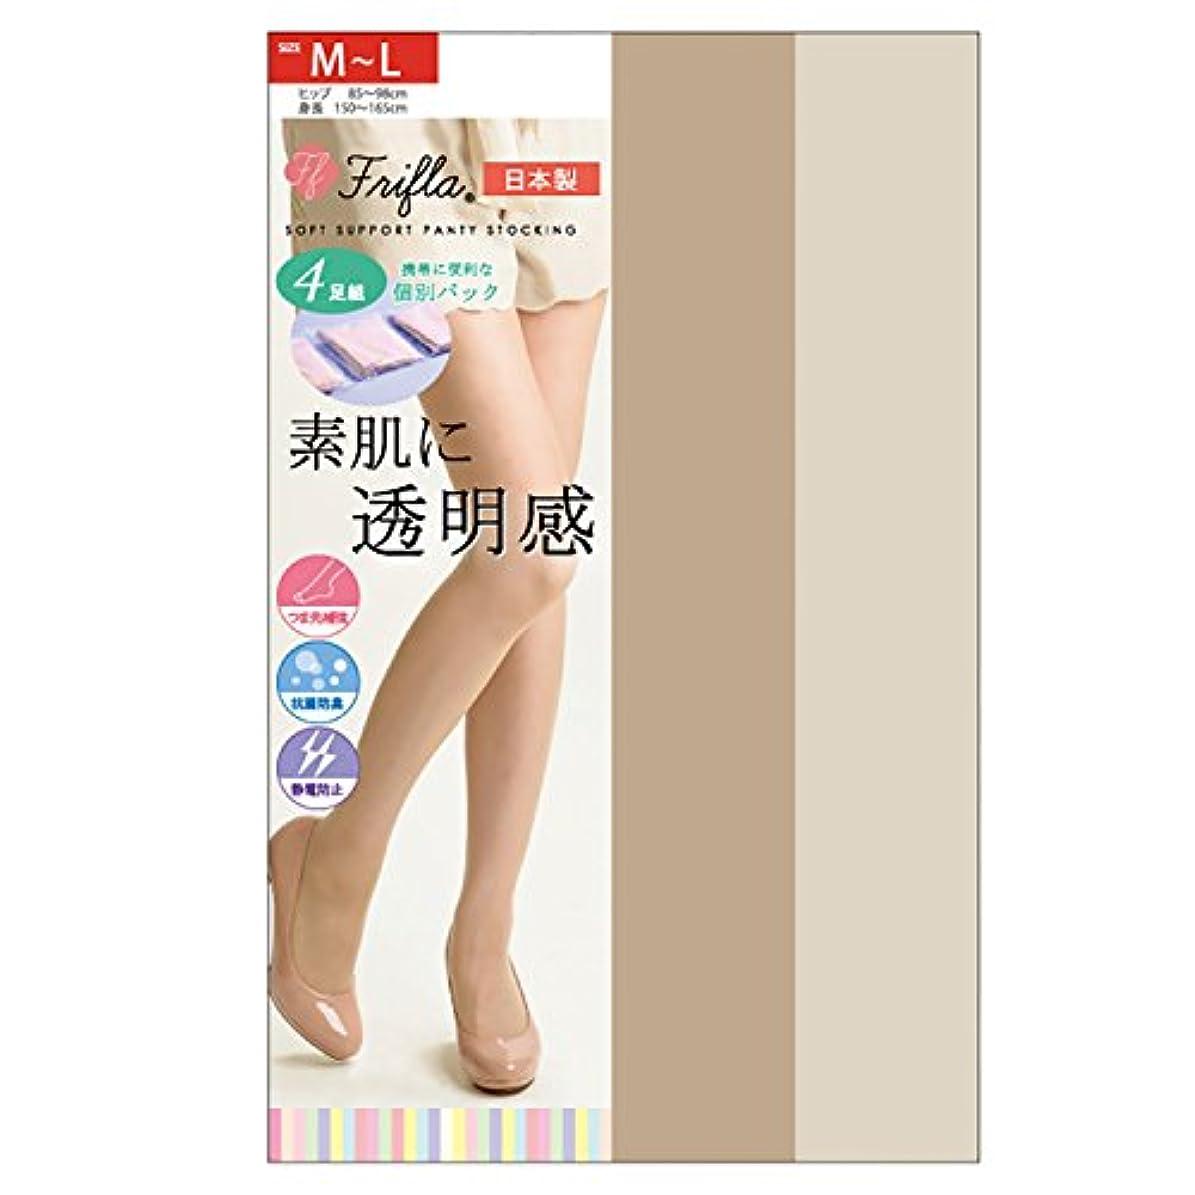 同盟きらきら中国素肌に透明感 ソフトサポートタイプ 交編ストッキング 4足組 日本製-素肌感 個包装 抗菌防臭 静電気防止 M-L L-LL パンスト (M-L, ピュアベージュ)